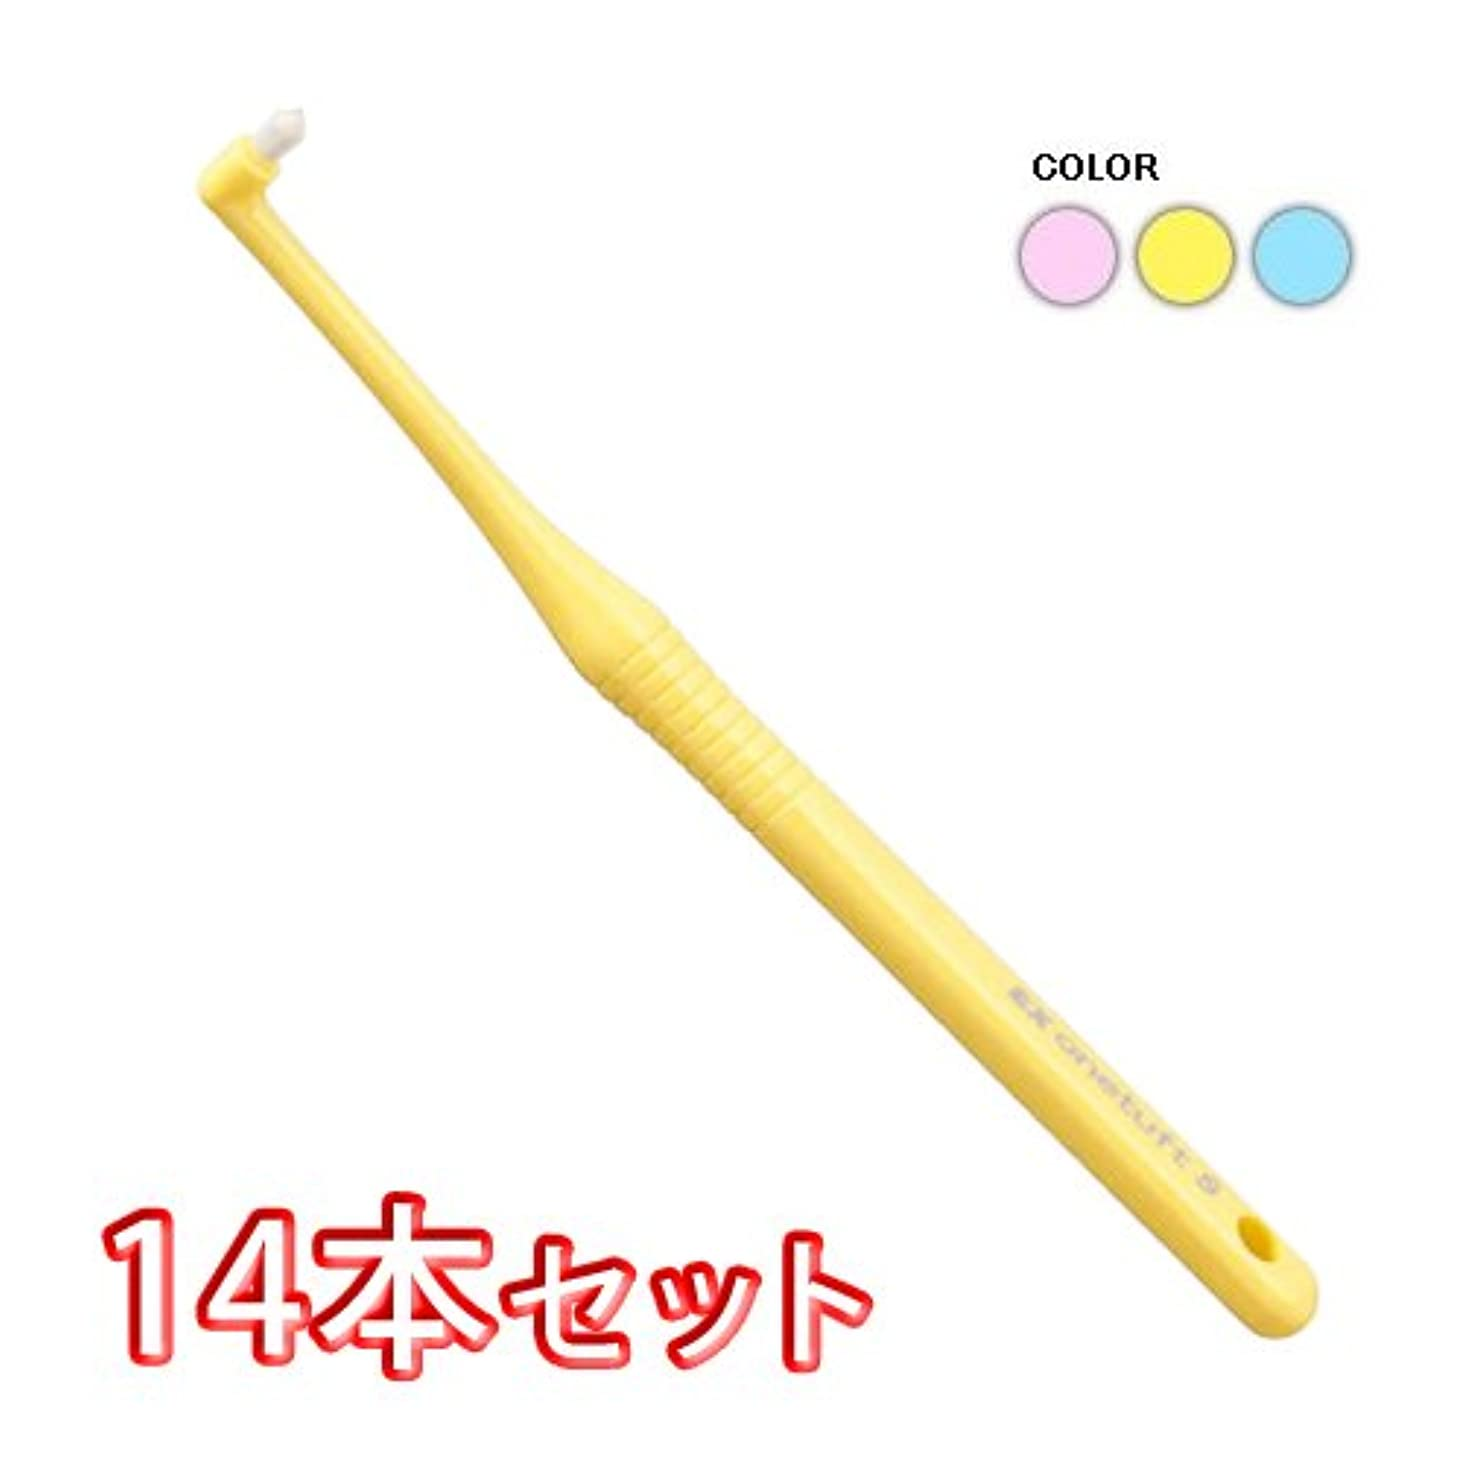 ピストルオークどこライオン デント EX ワンタフト 歯ブラシ onetuft (S) (14本入)